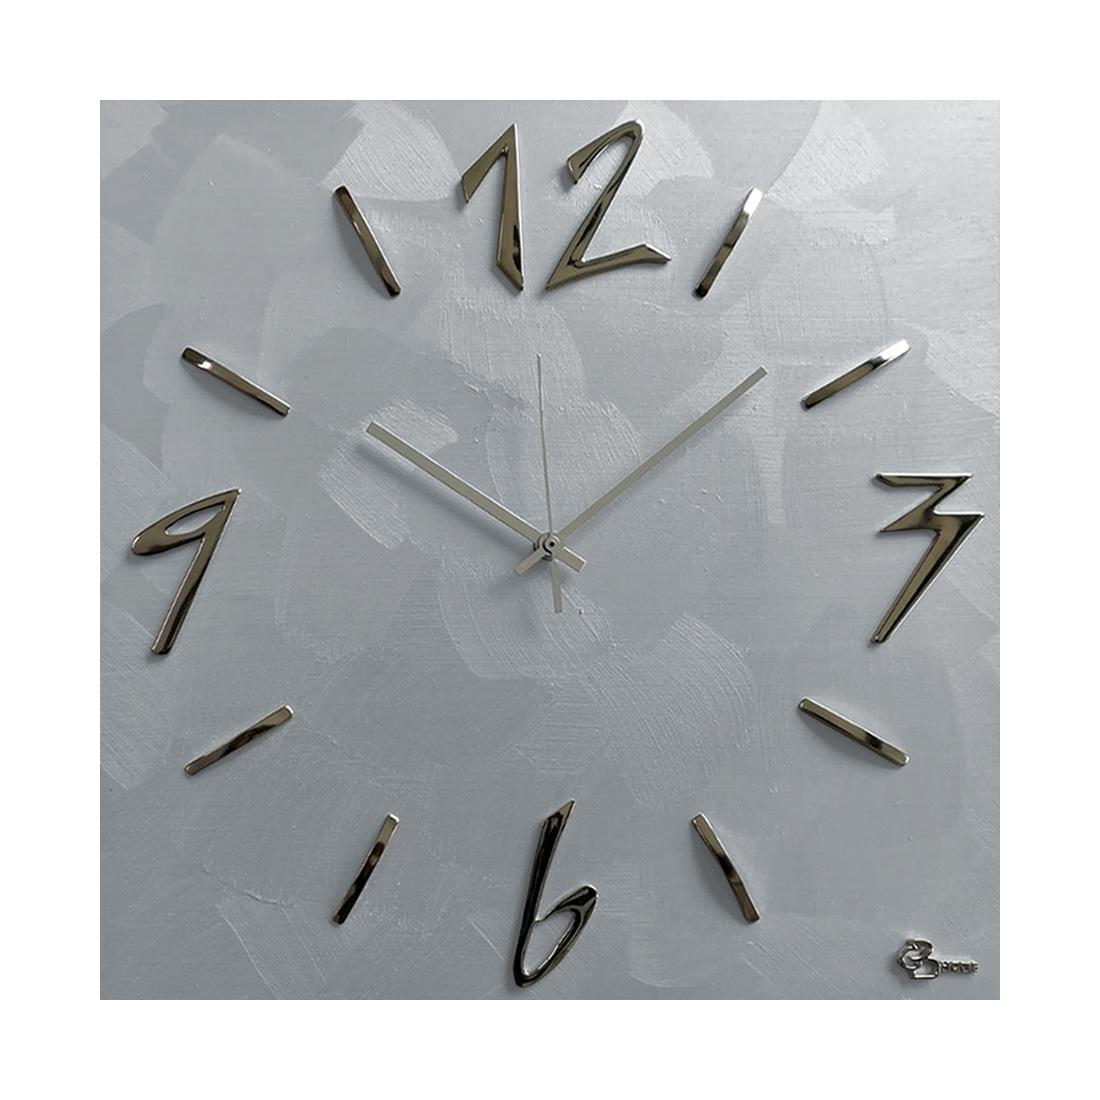 Bakaji orologio da parete adesivo 49x11 cm moderno arti casa in 3 modelli. Orologio Da Parete Quadrato Spatolato Grigio Silver Idea Regalo 40x40cm